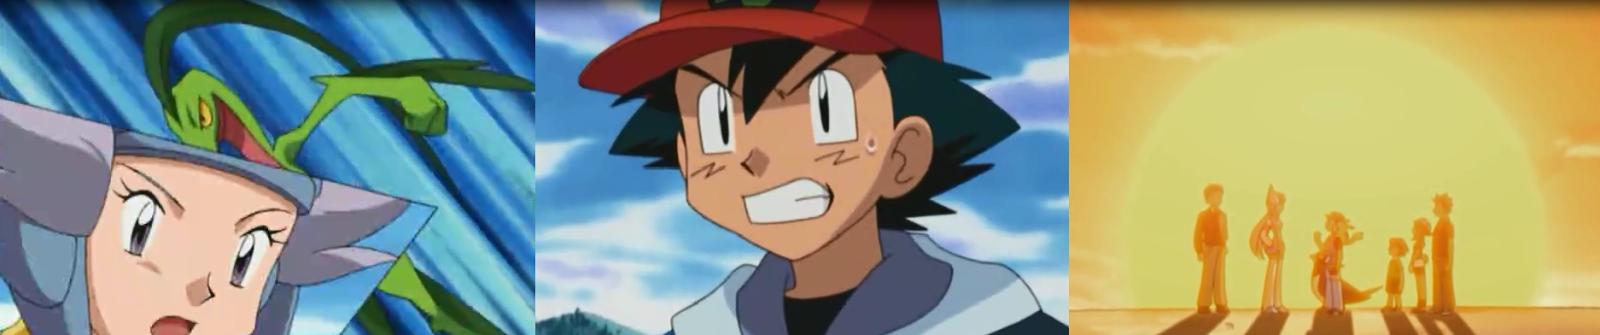 Pokemon Capitulo 45 Temporada 7 Batalla En El Cielo Azul